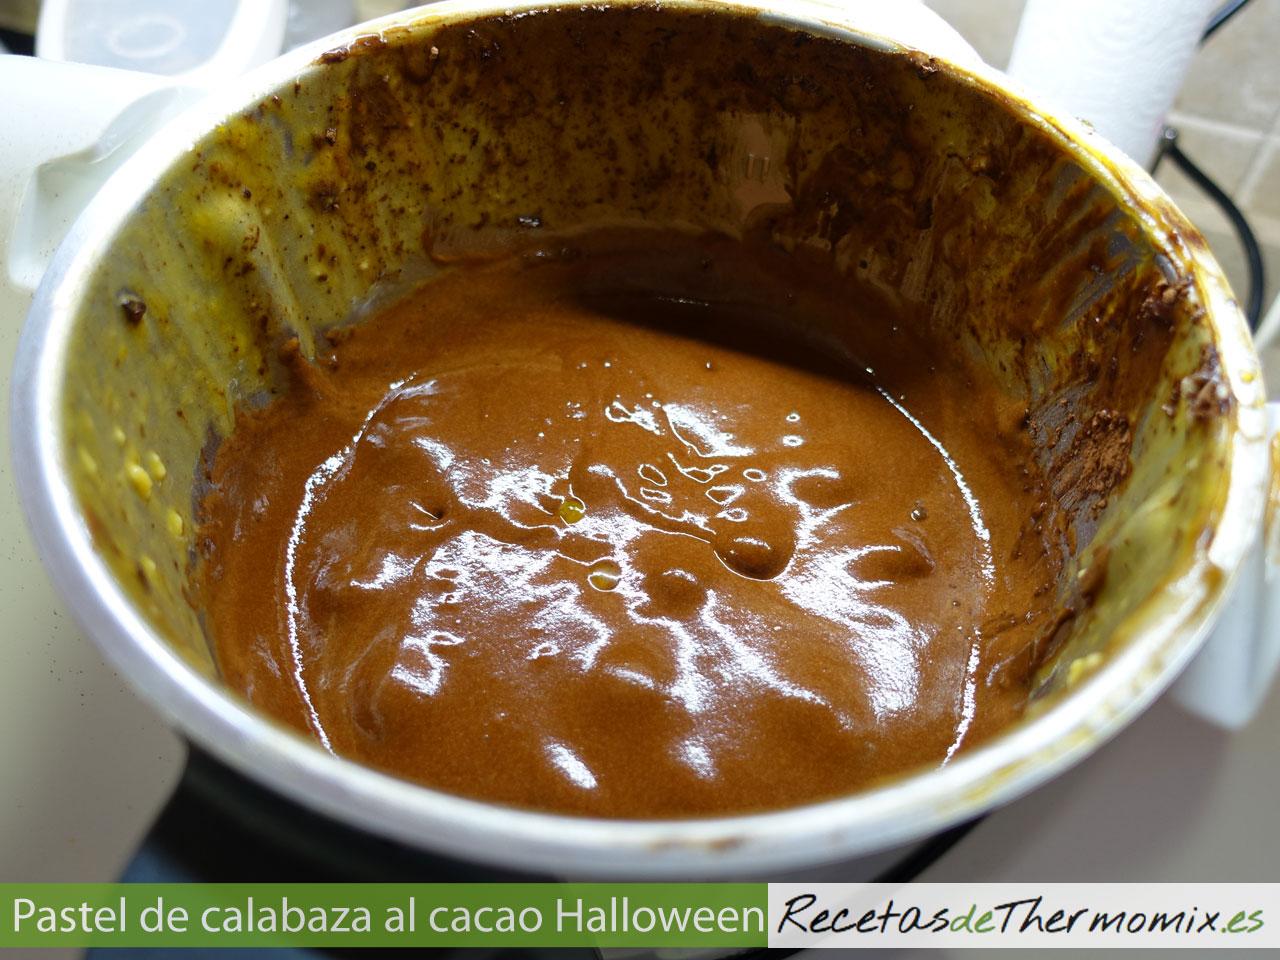 Masa de pastel de calabaza al cacao con Thermomix